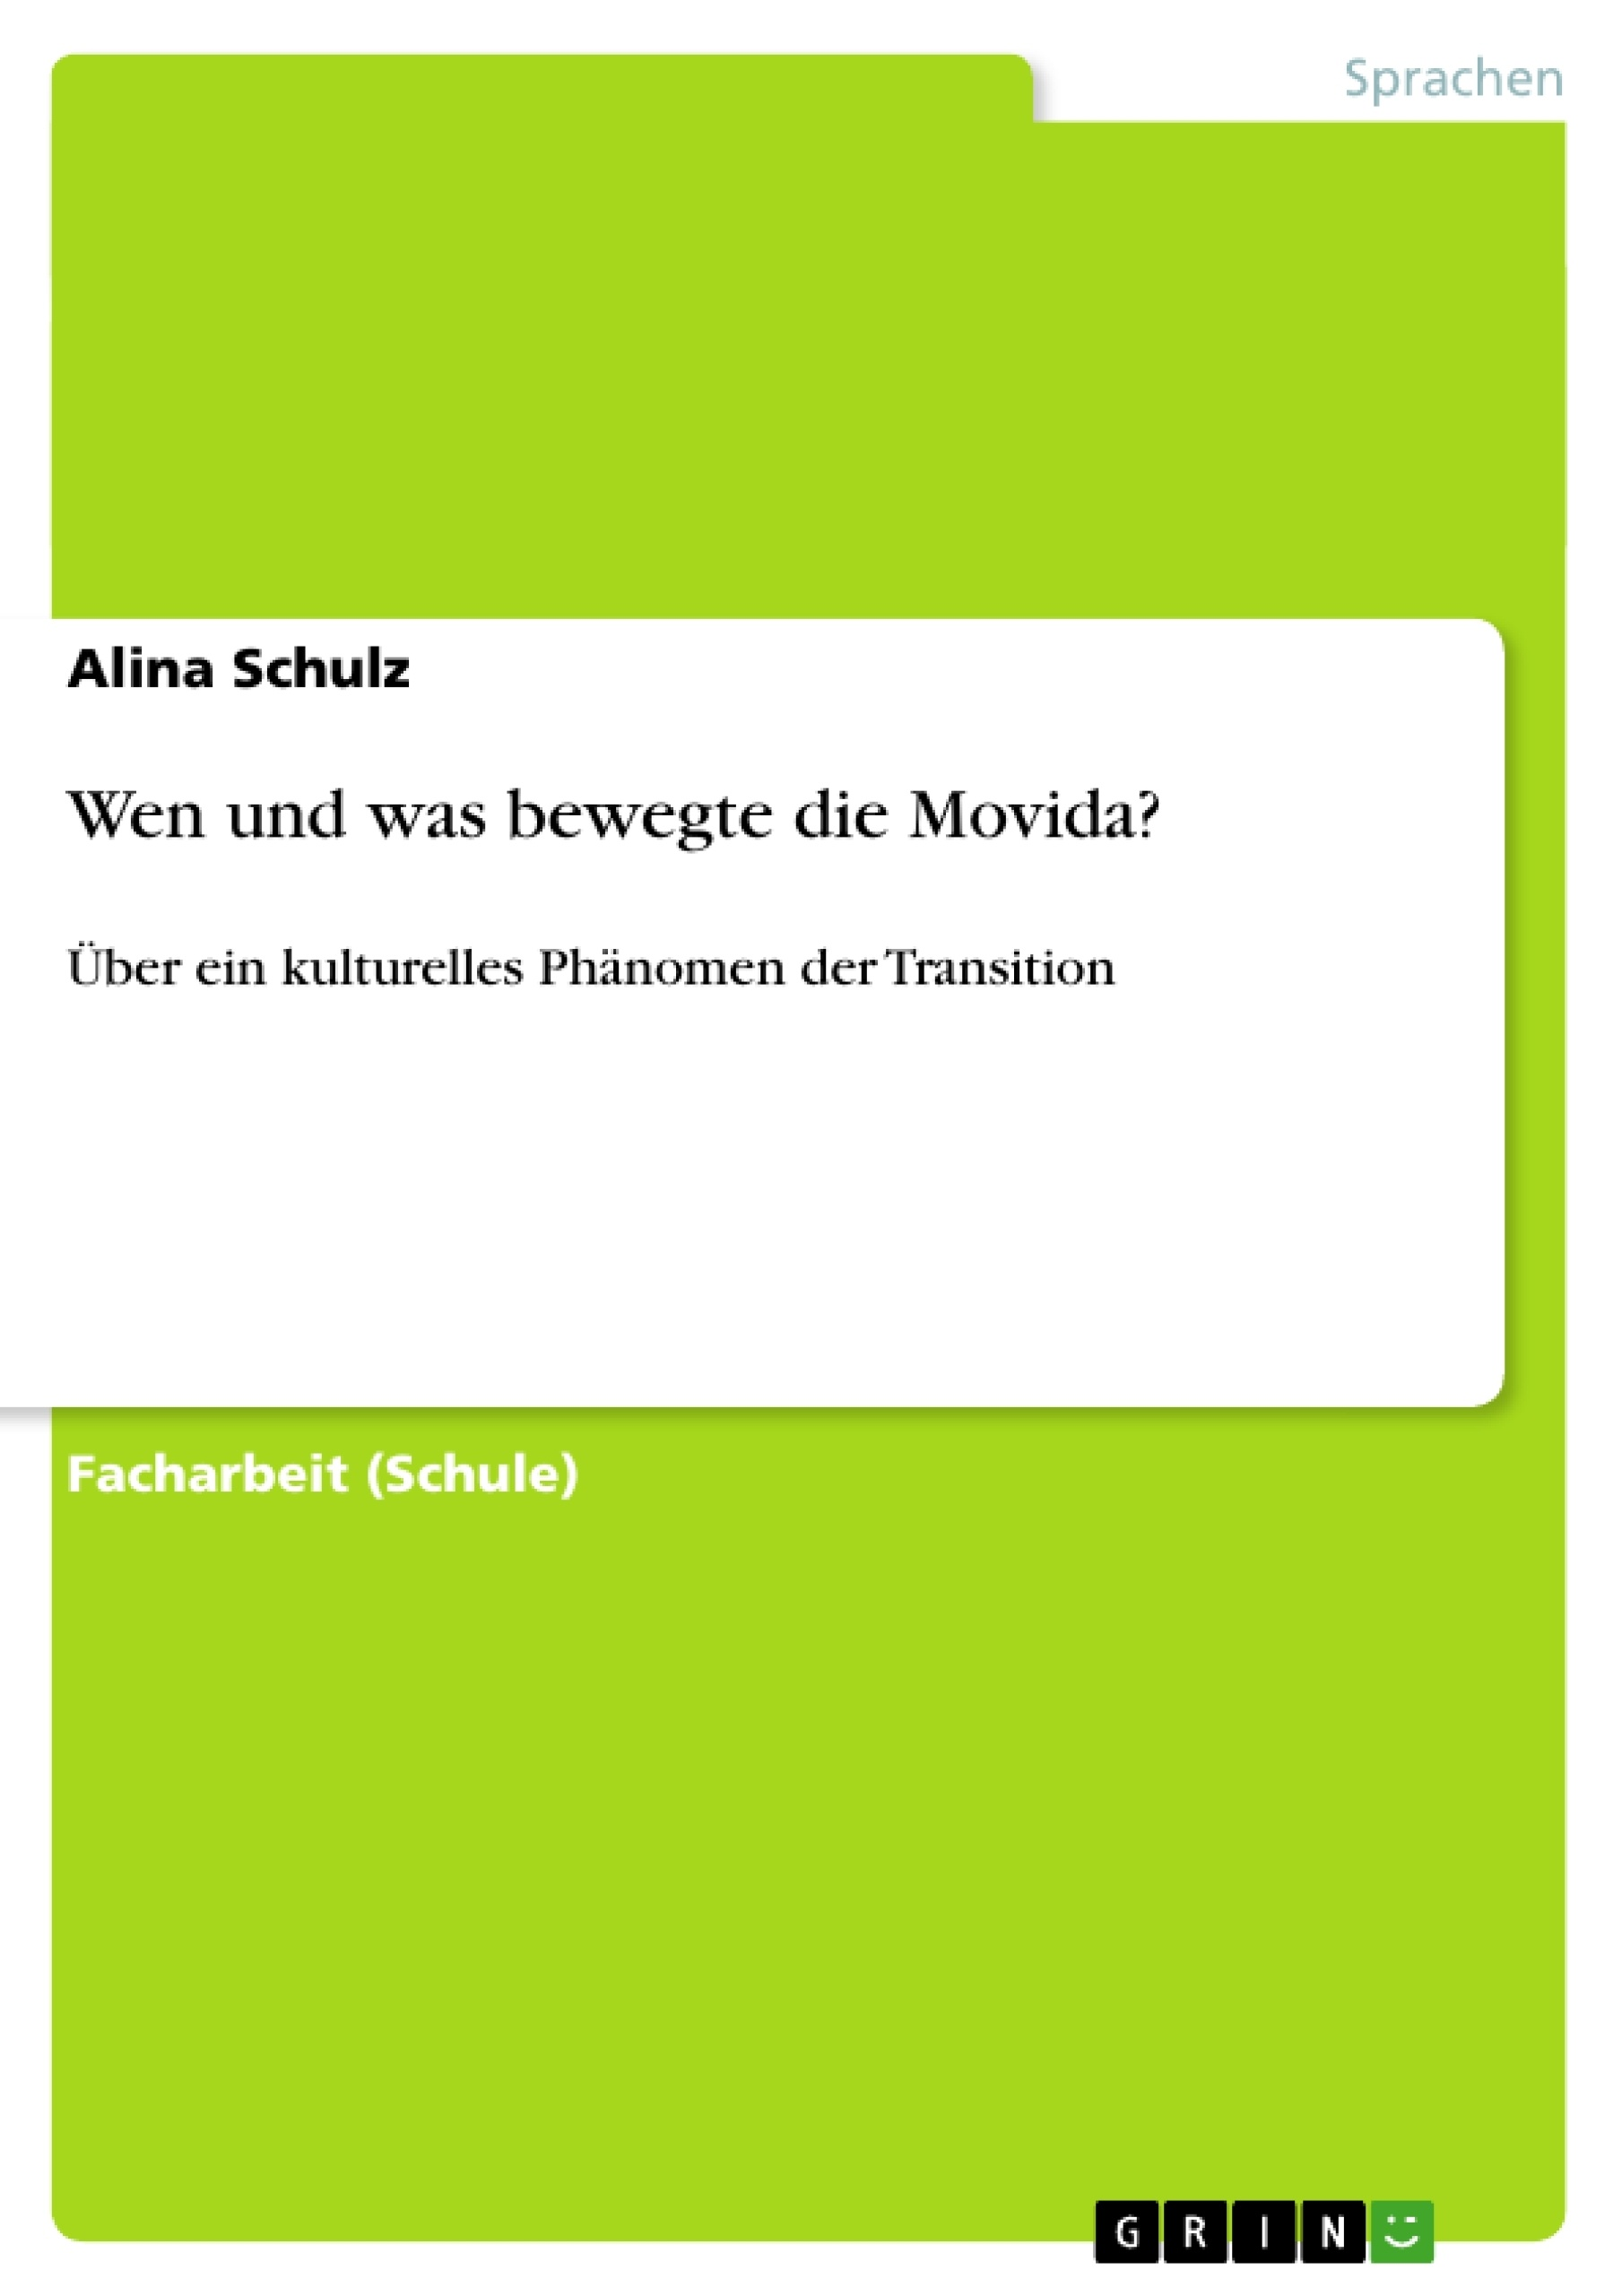 Titel: Wen und was bewegte die Movida?